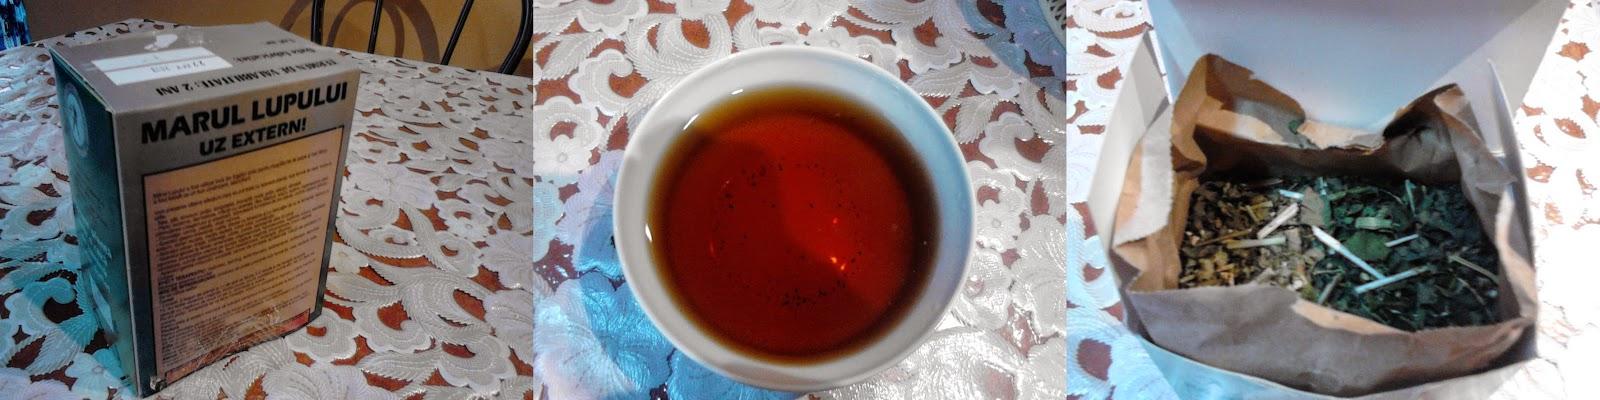 Ceaiul de Marul Lupului